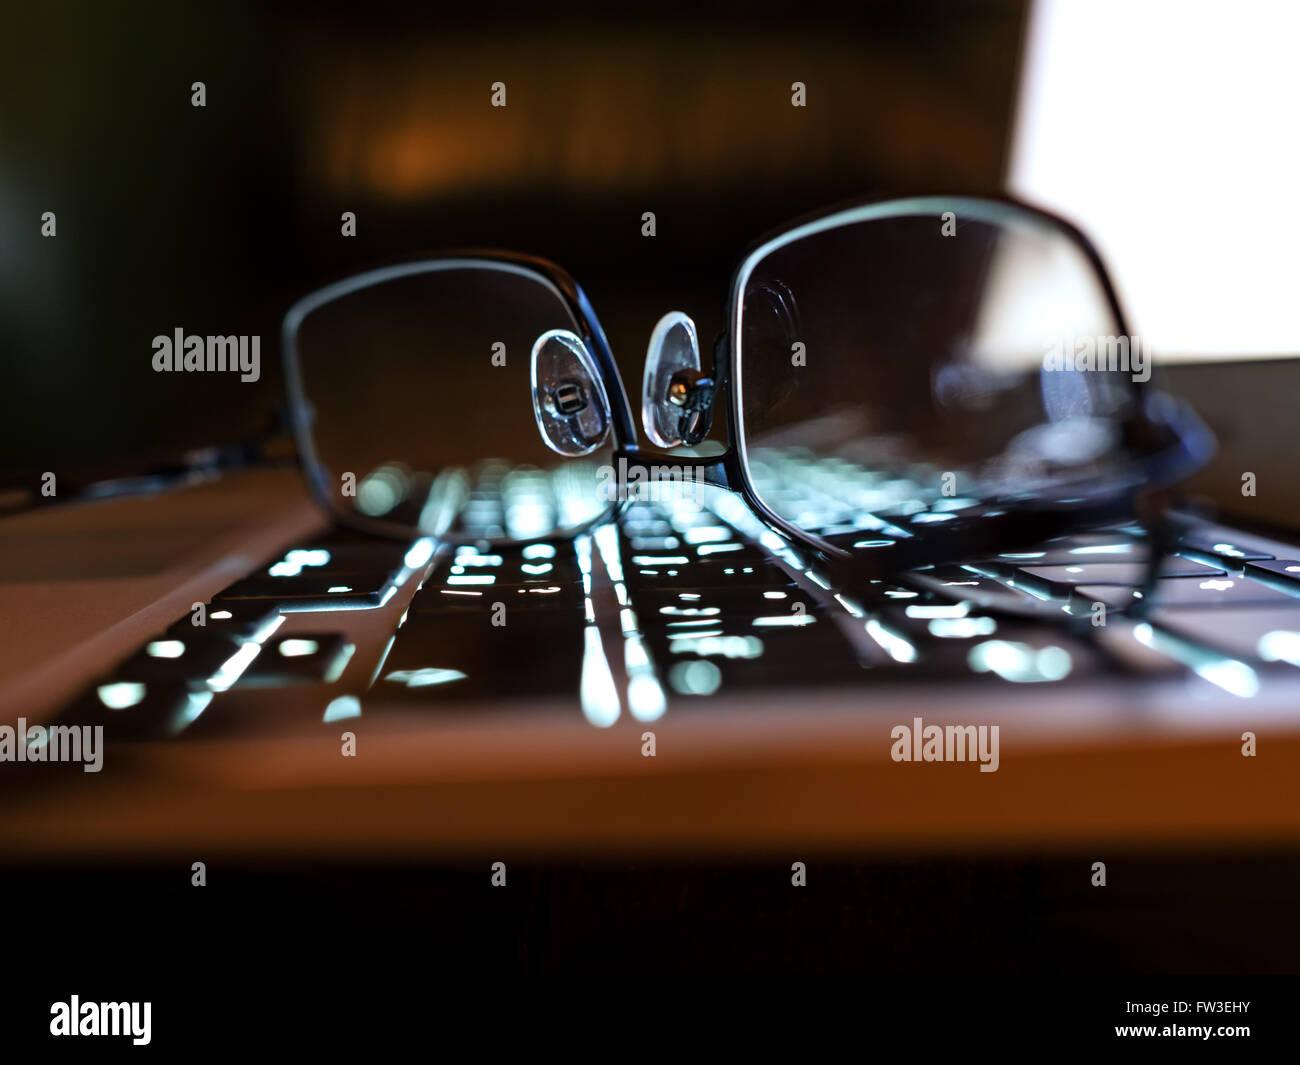 Gafas de lectura de un teclado de portátil de elegancia, profundidad de campo Foto de stock